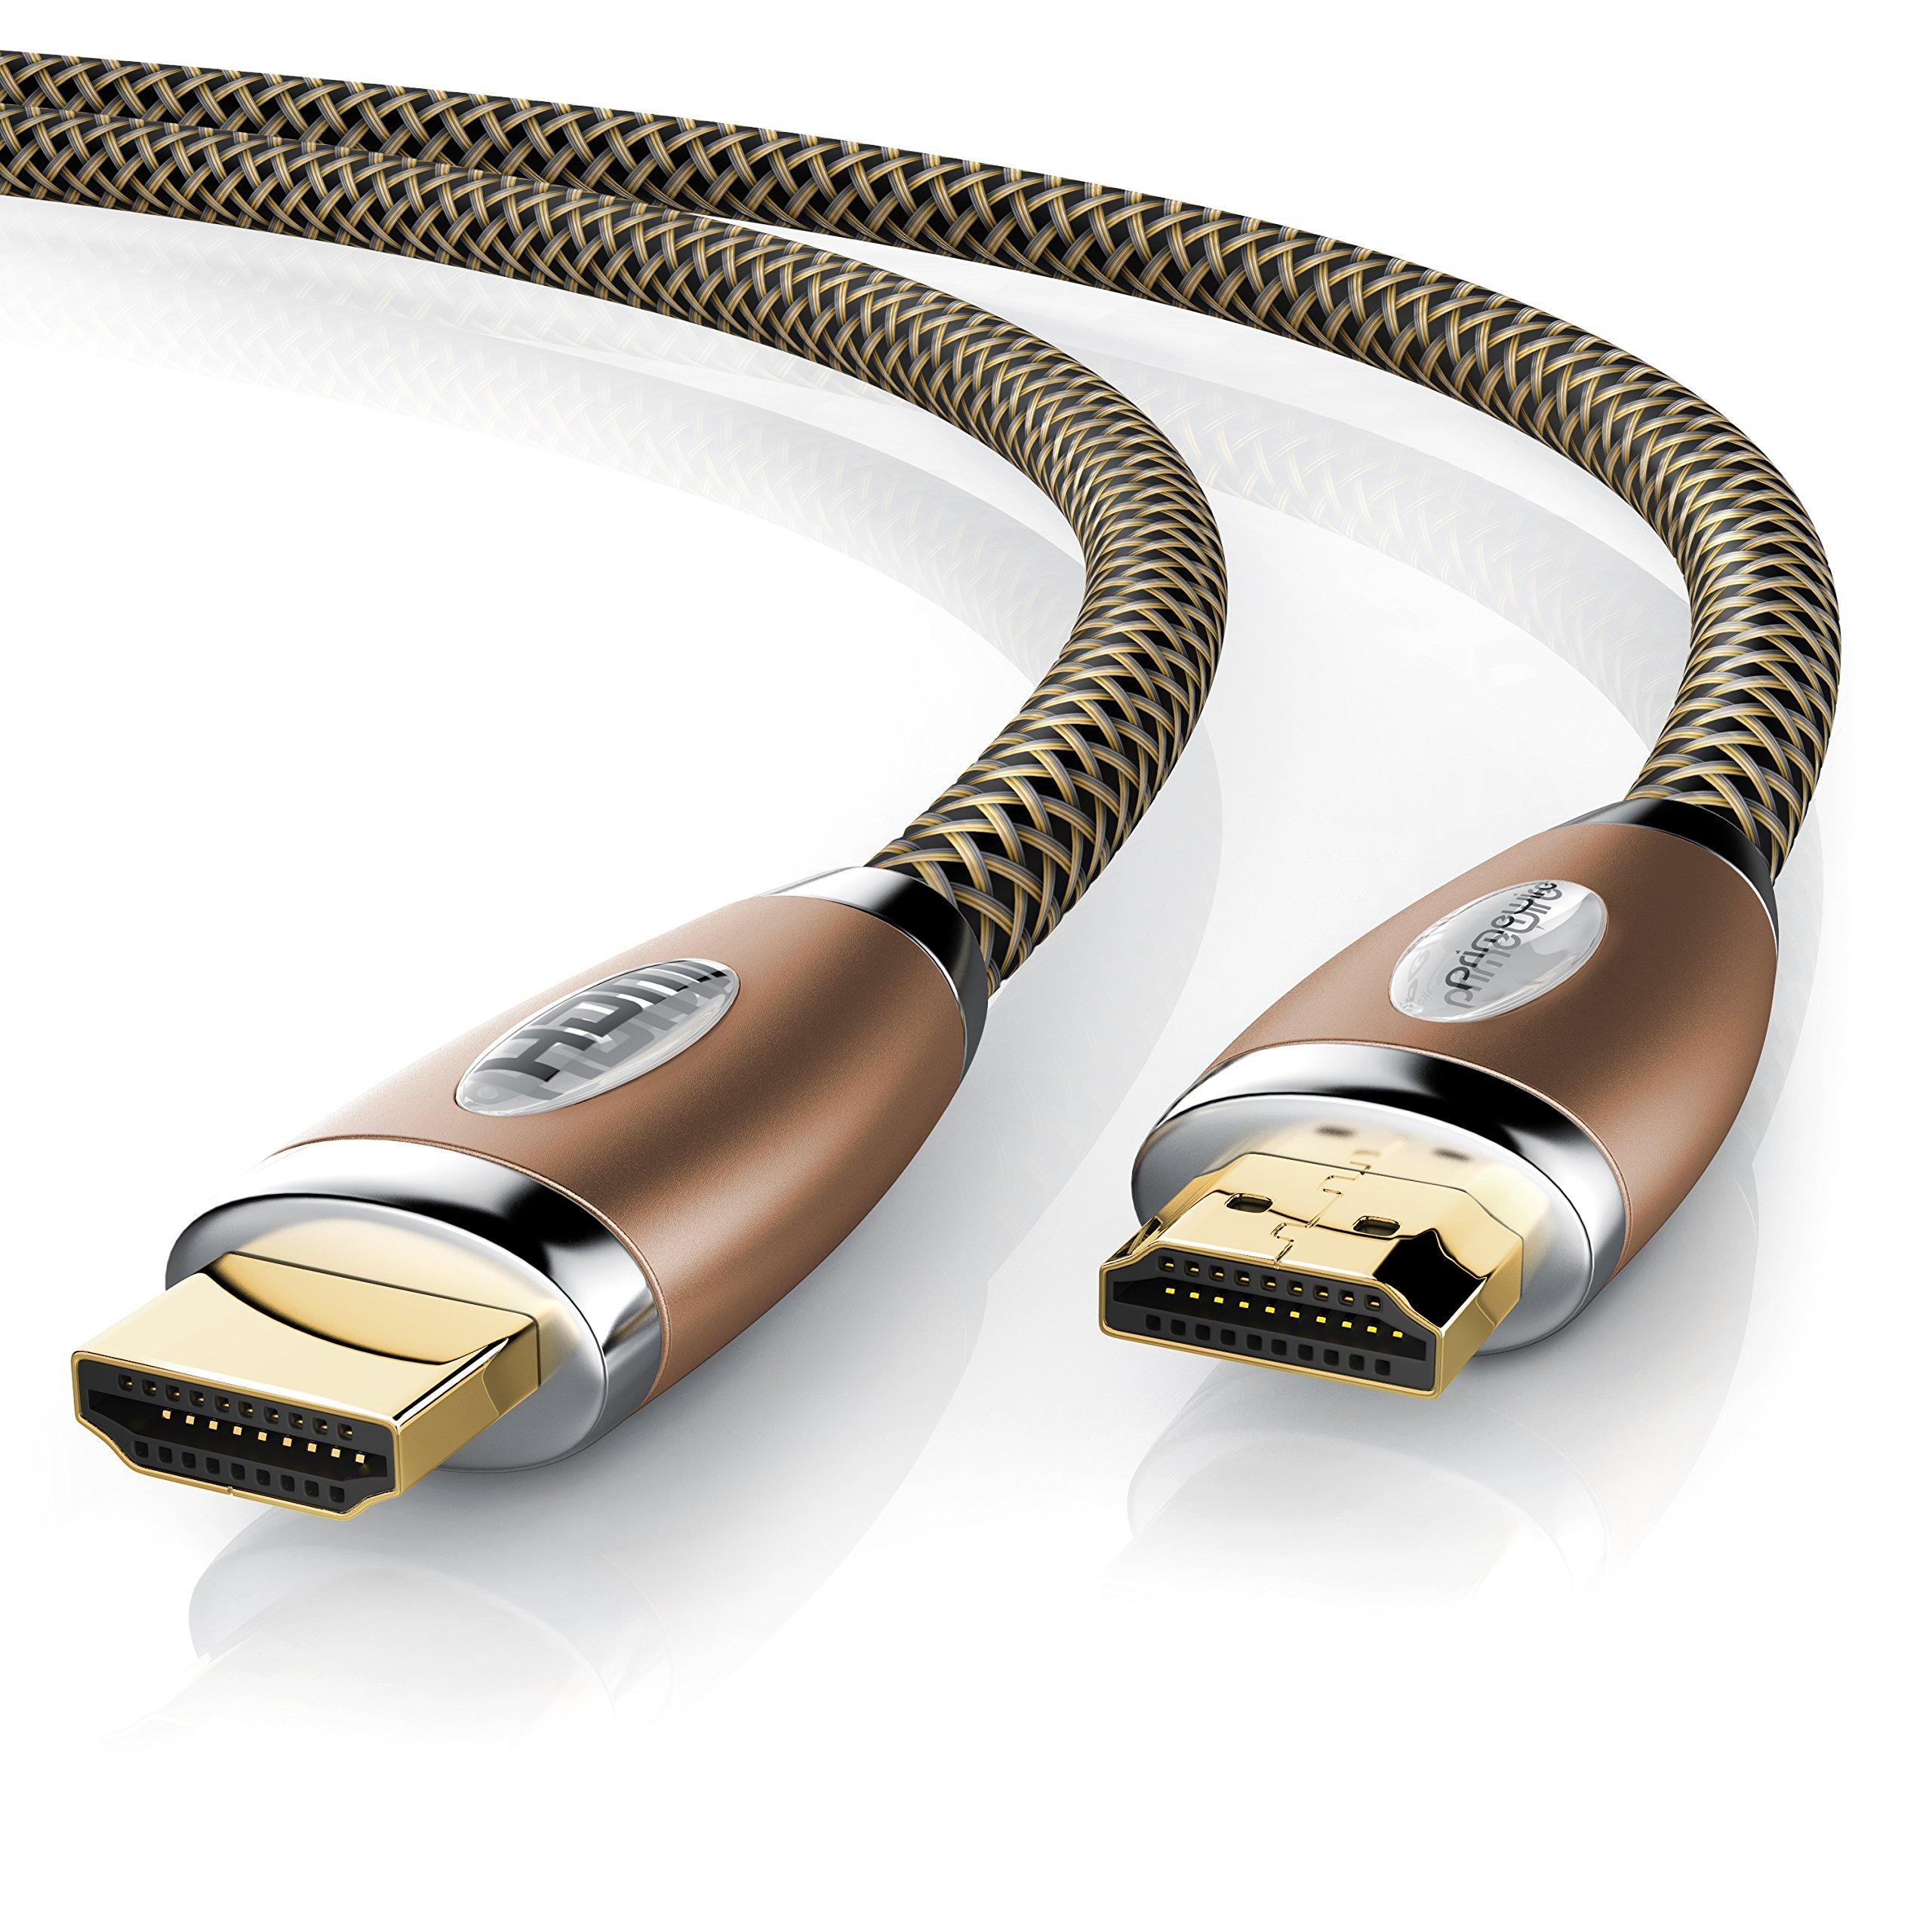 Primewire - 10m cable de HDMI - Ultra HD 4k HDMI | Alta velocidad con Ethernet